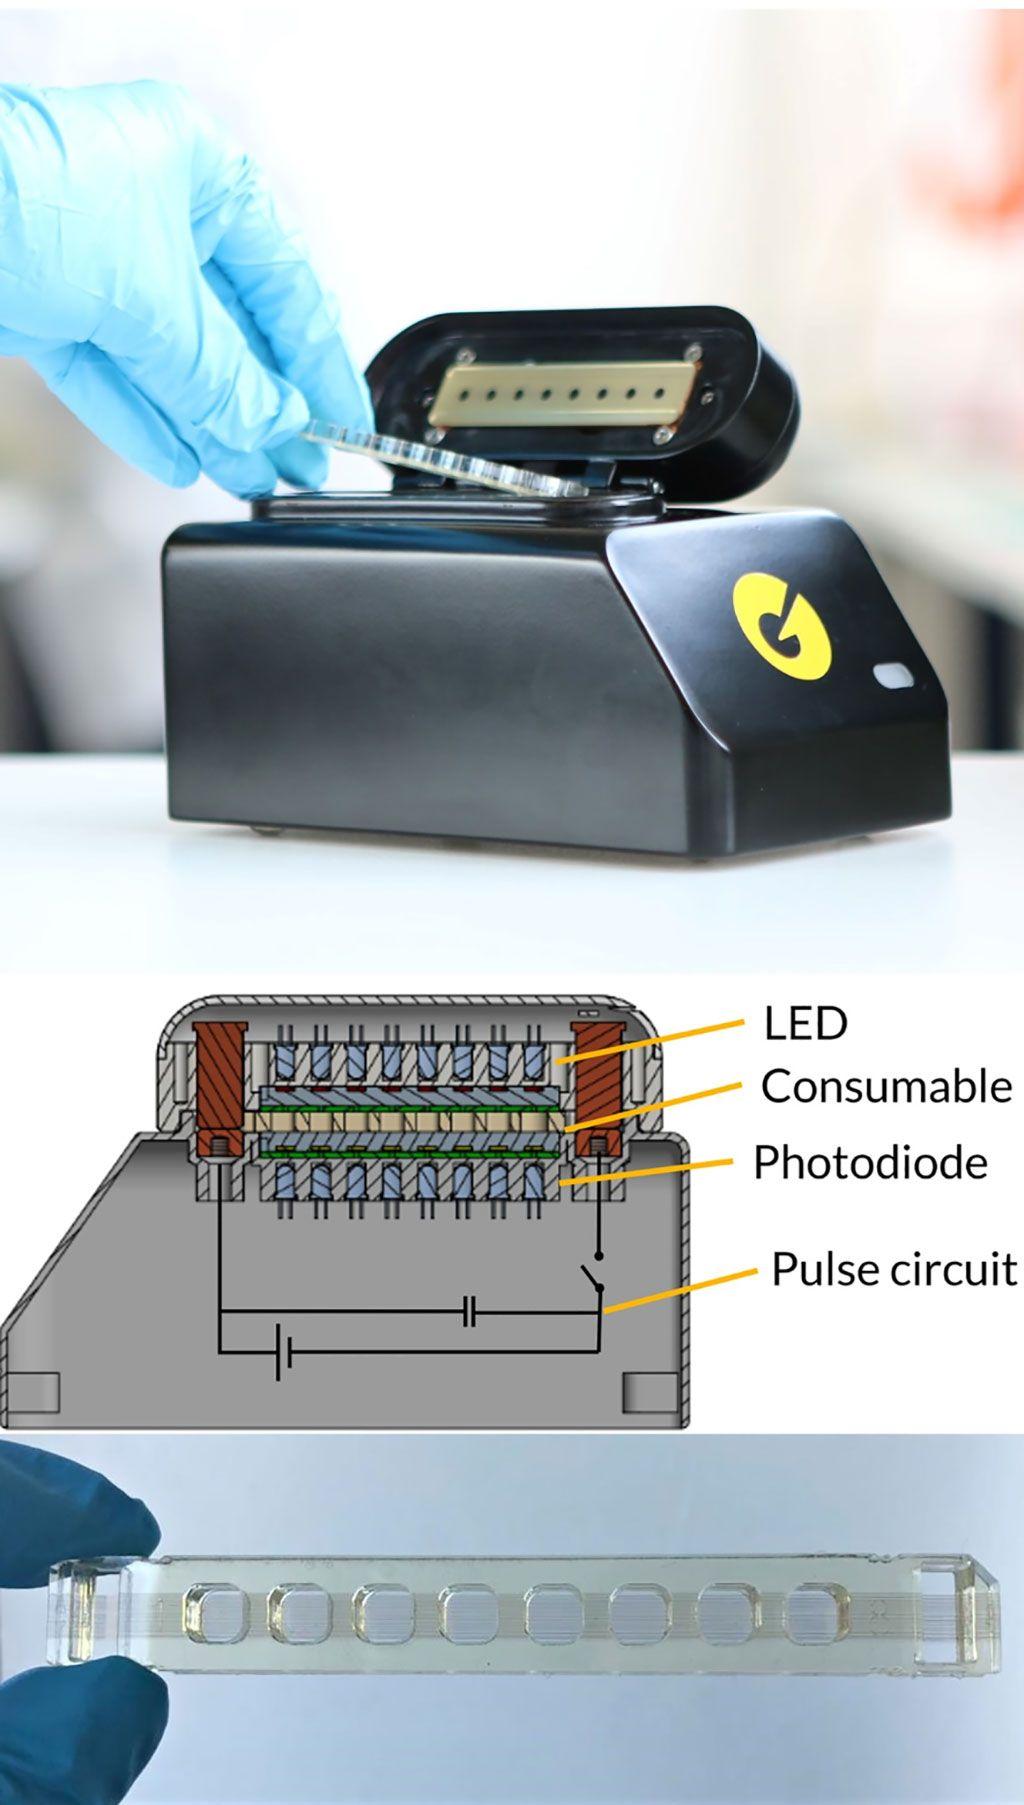 Imagen: El prototipo Pharos Micro utilizado en la amplificación controlada por pulsos para el diagnóstico de enfermedades infecciosas (Fotografía cortesía del Instituto de Microbiología Bundeswehr).